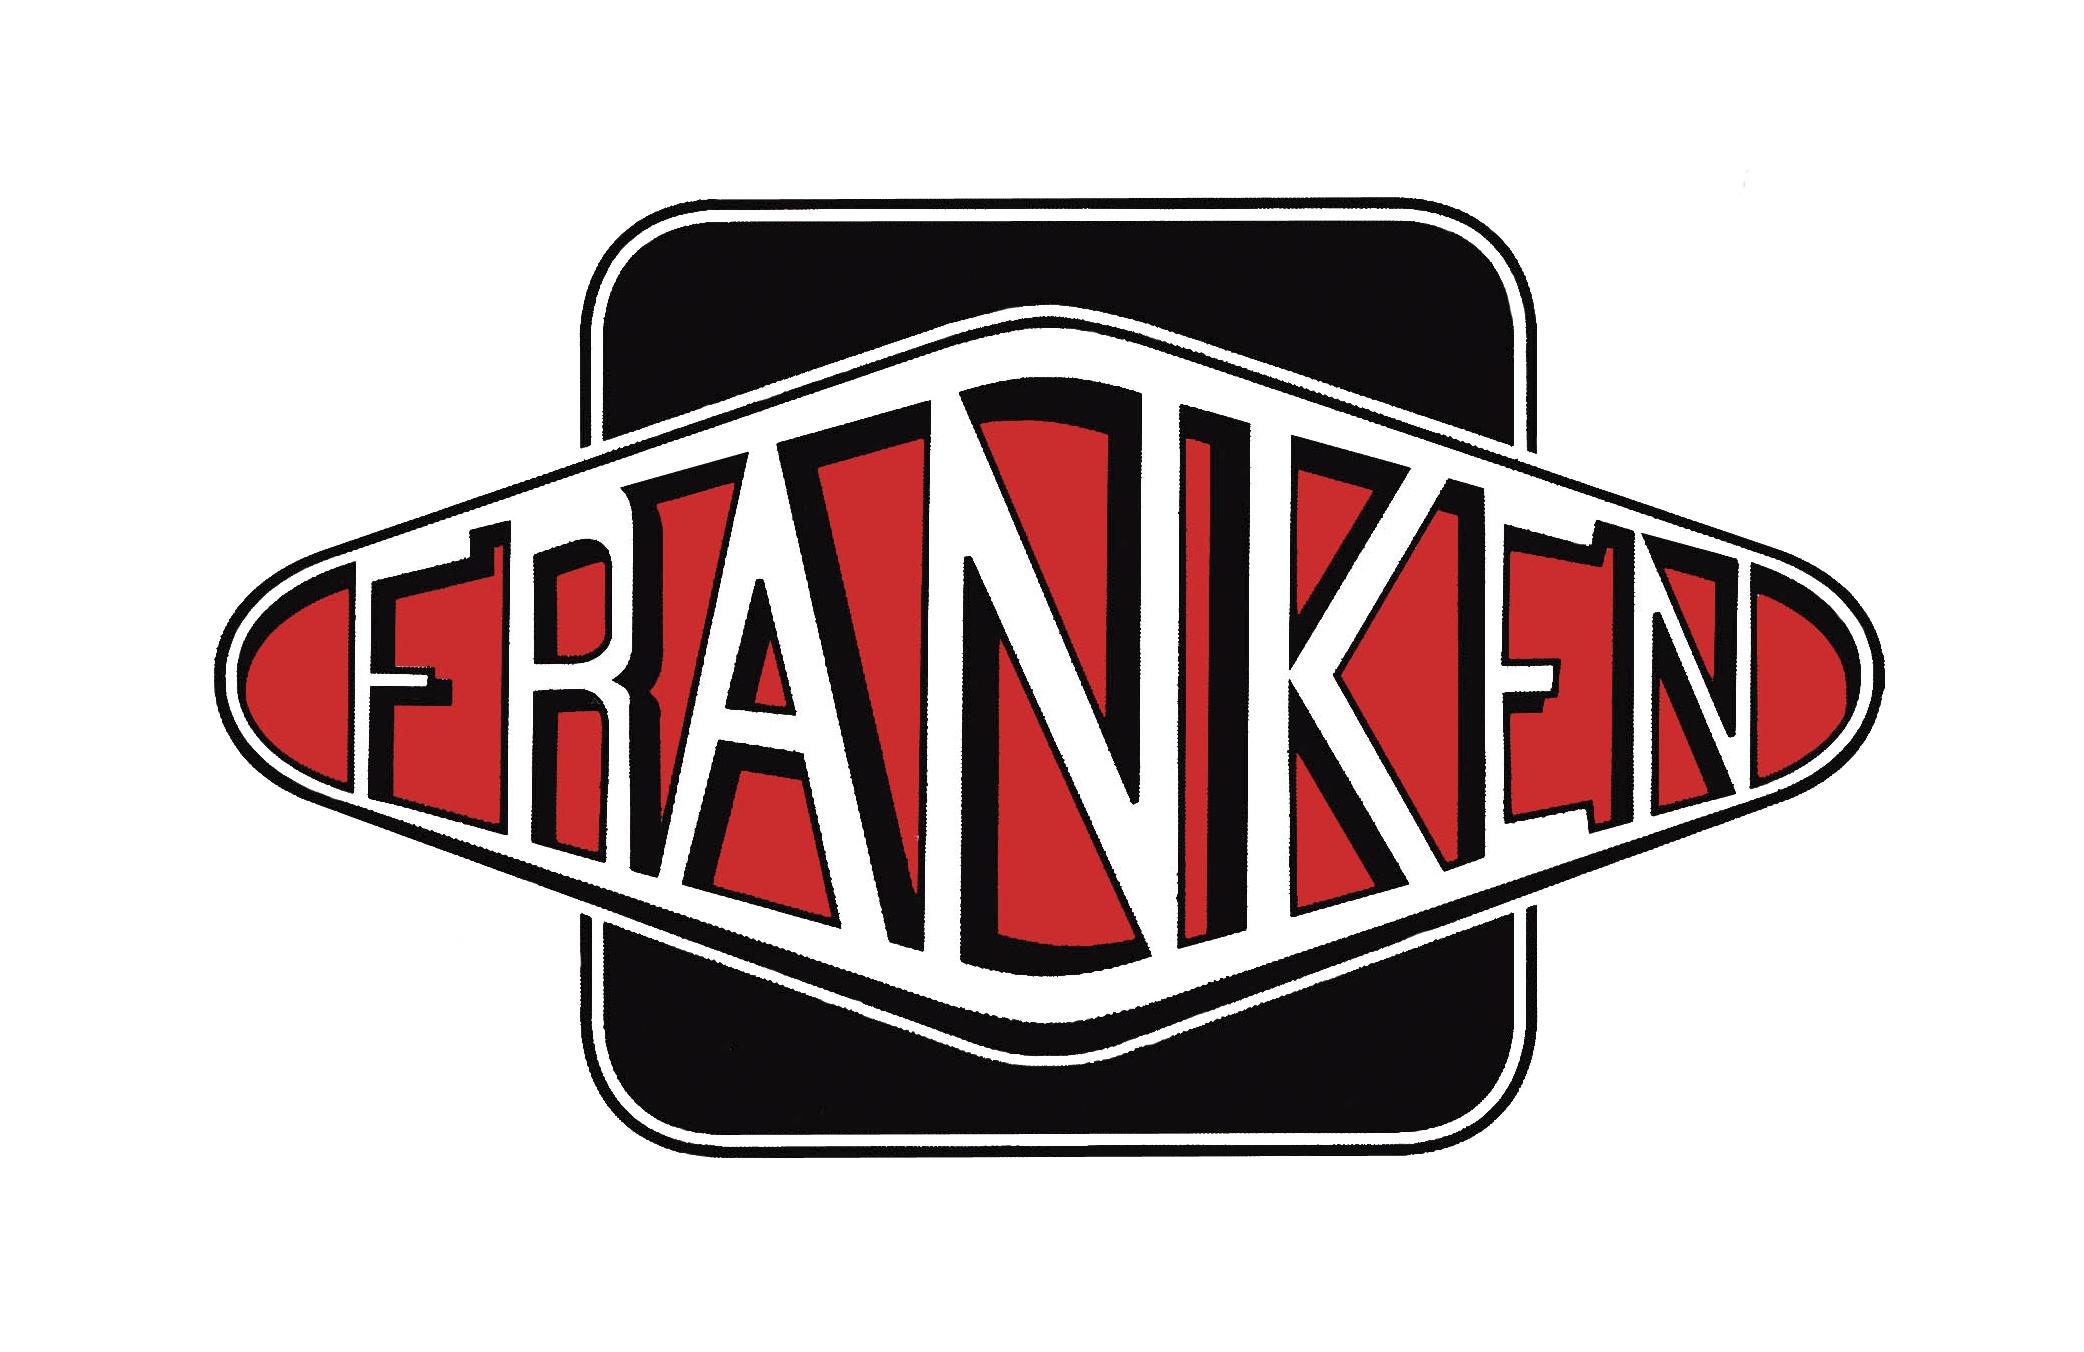 Franken machines